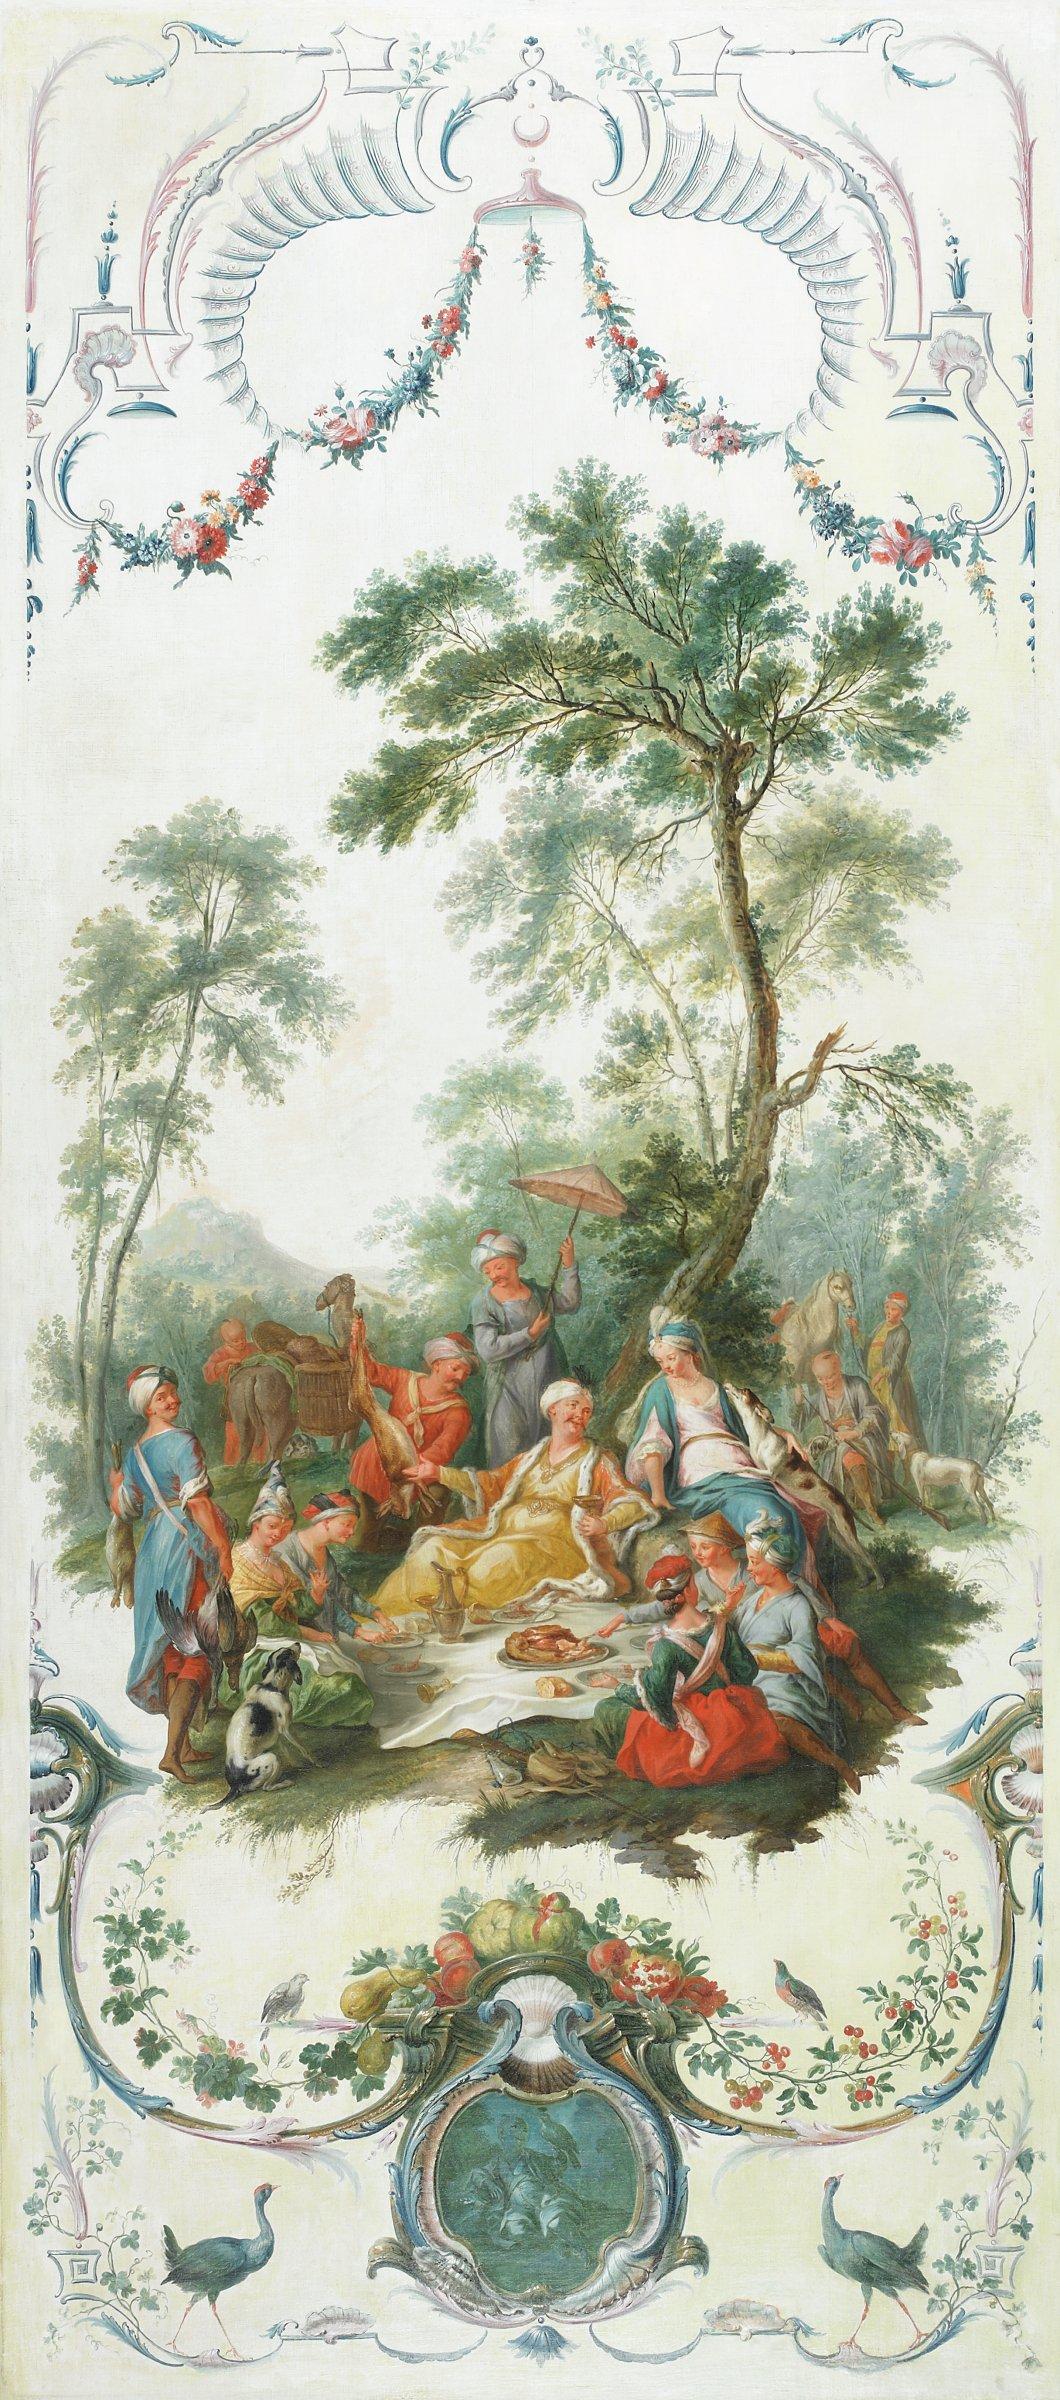 Le repas froid pendant la chasse (The Hunt Picnic), Christophe Huet, oil on canvas